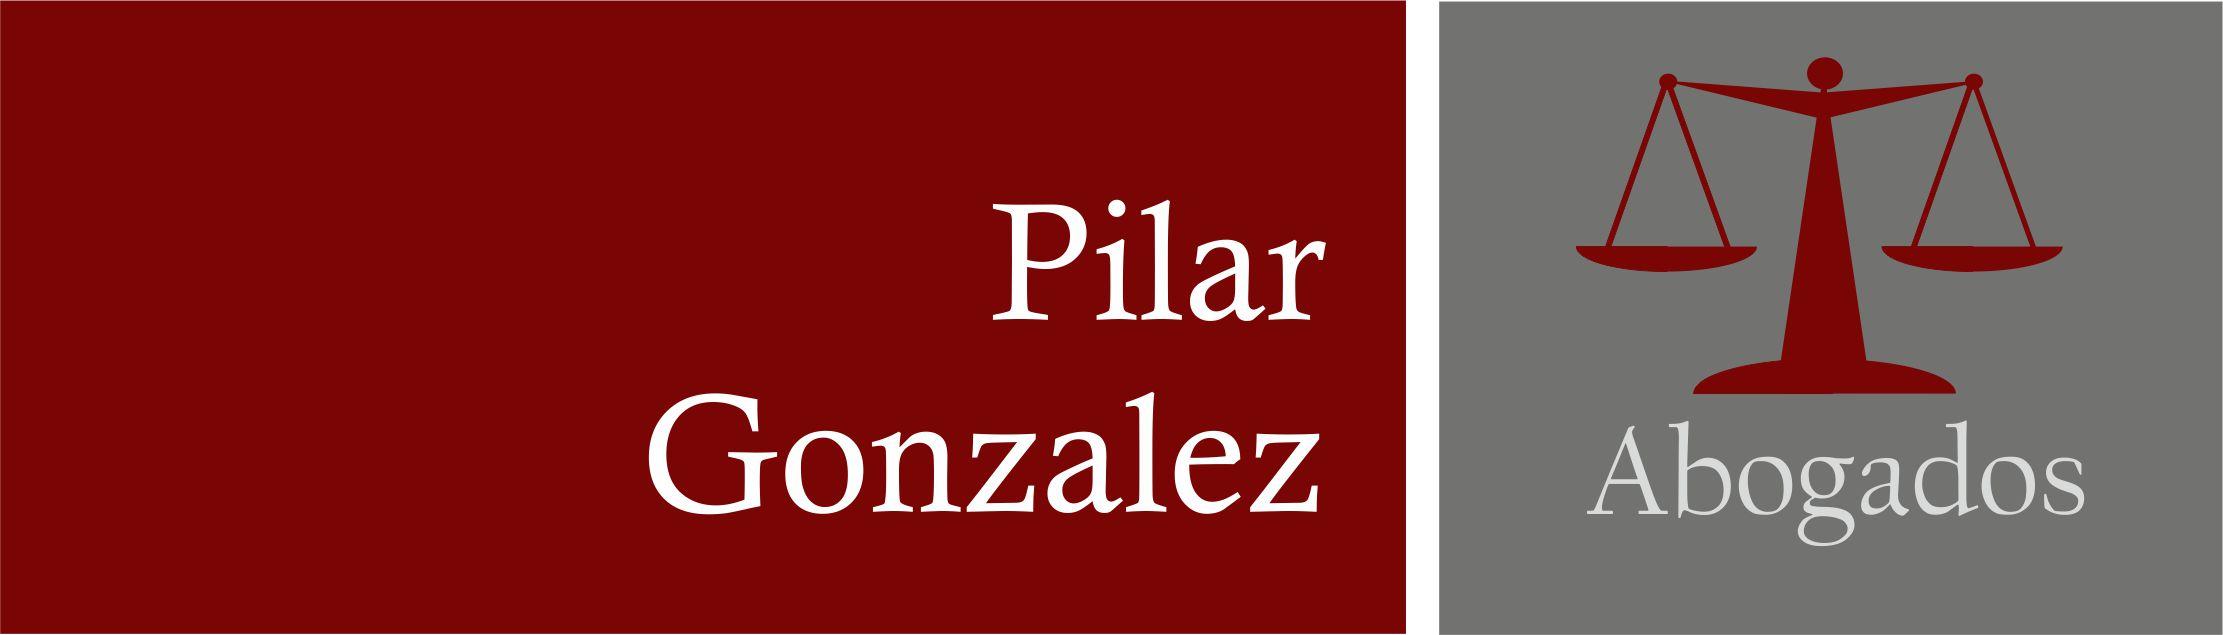 Logo Pilar González Abogados